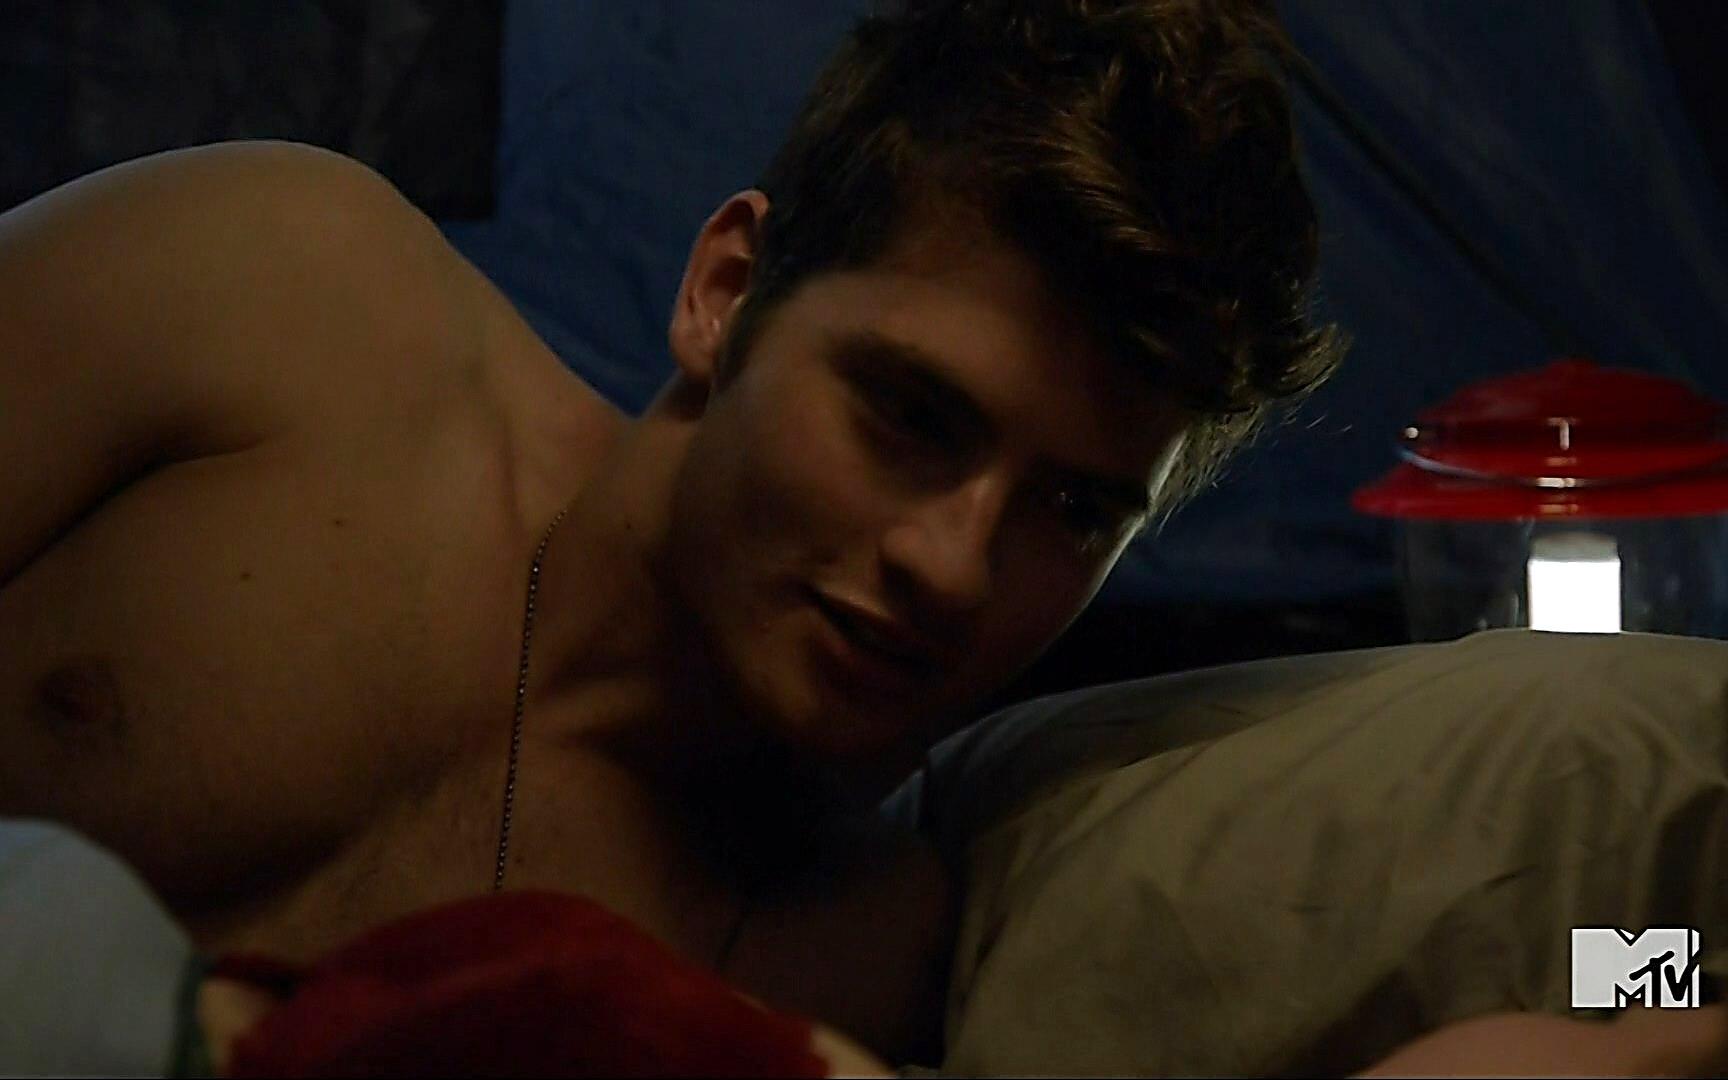 Gregg Sulkin sexy shirtless scene January 3, 2015, 3am